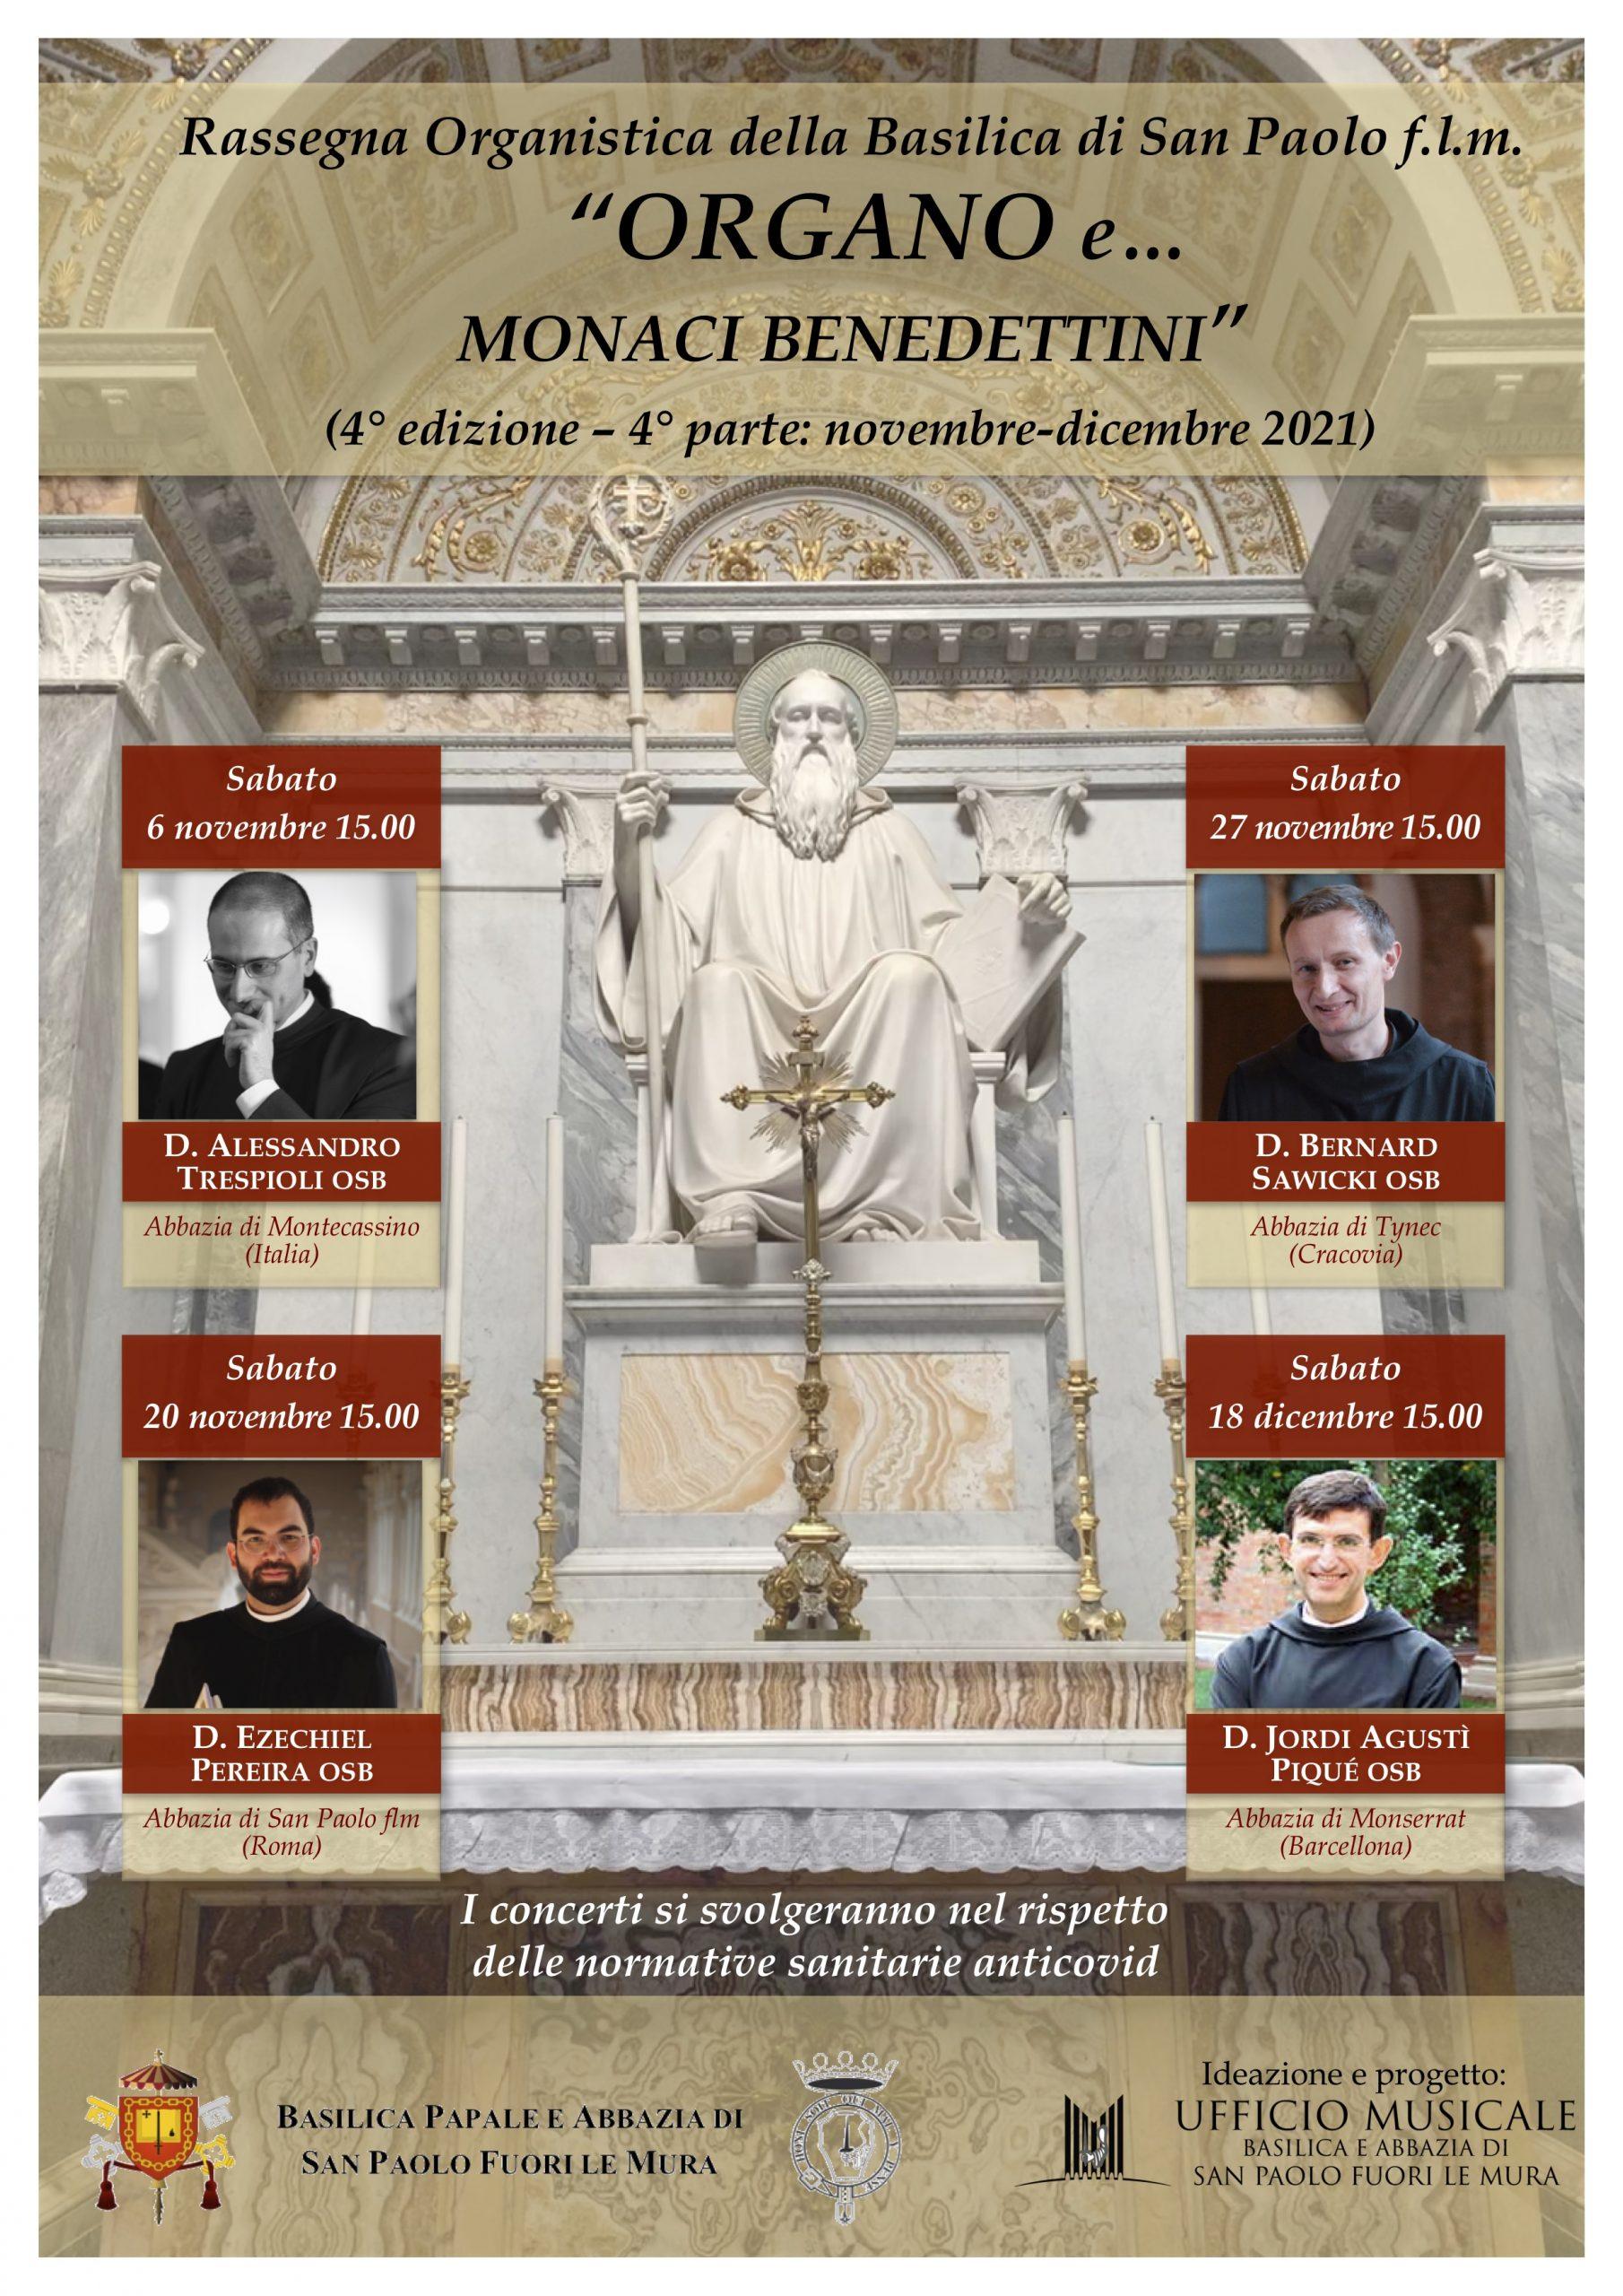 Rassegna Organo e… 2021 parte 4 Monaci benedettini